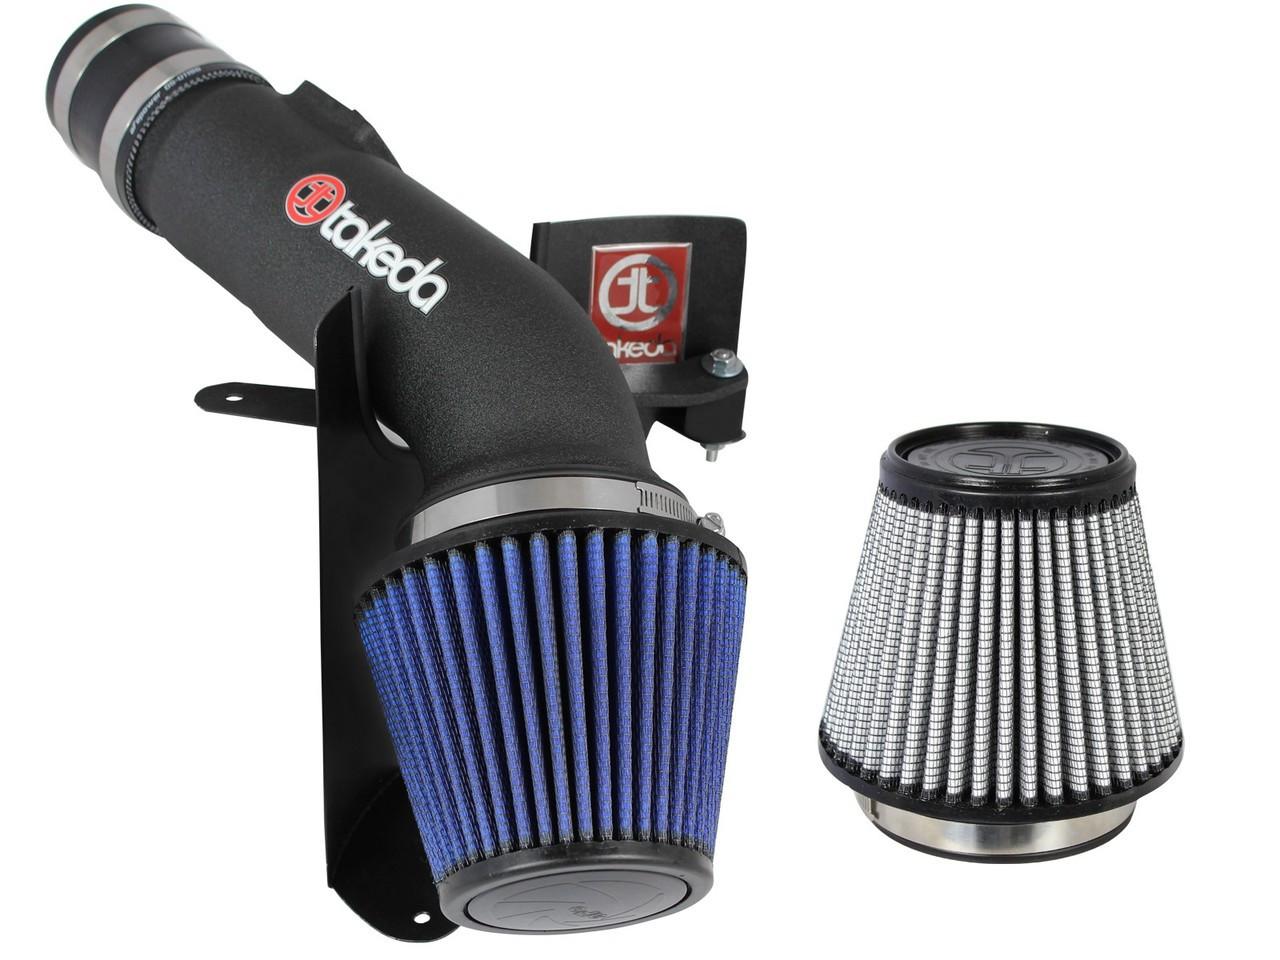 For Air Filter Mahle LX3001 for Honda Pilot 3.5L V6 J35Z4 2009-2015